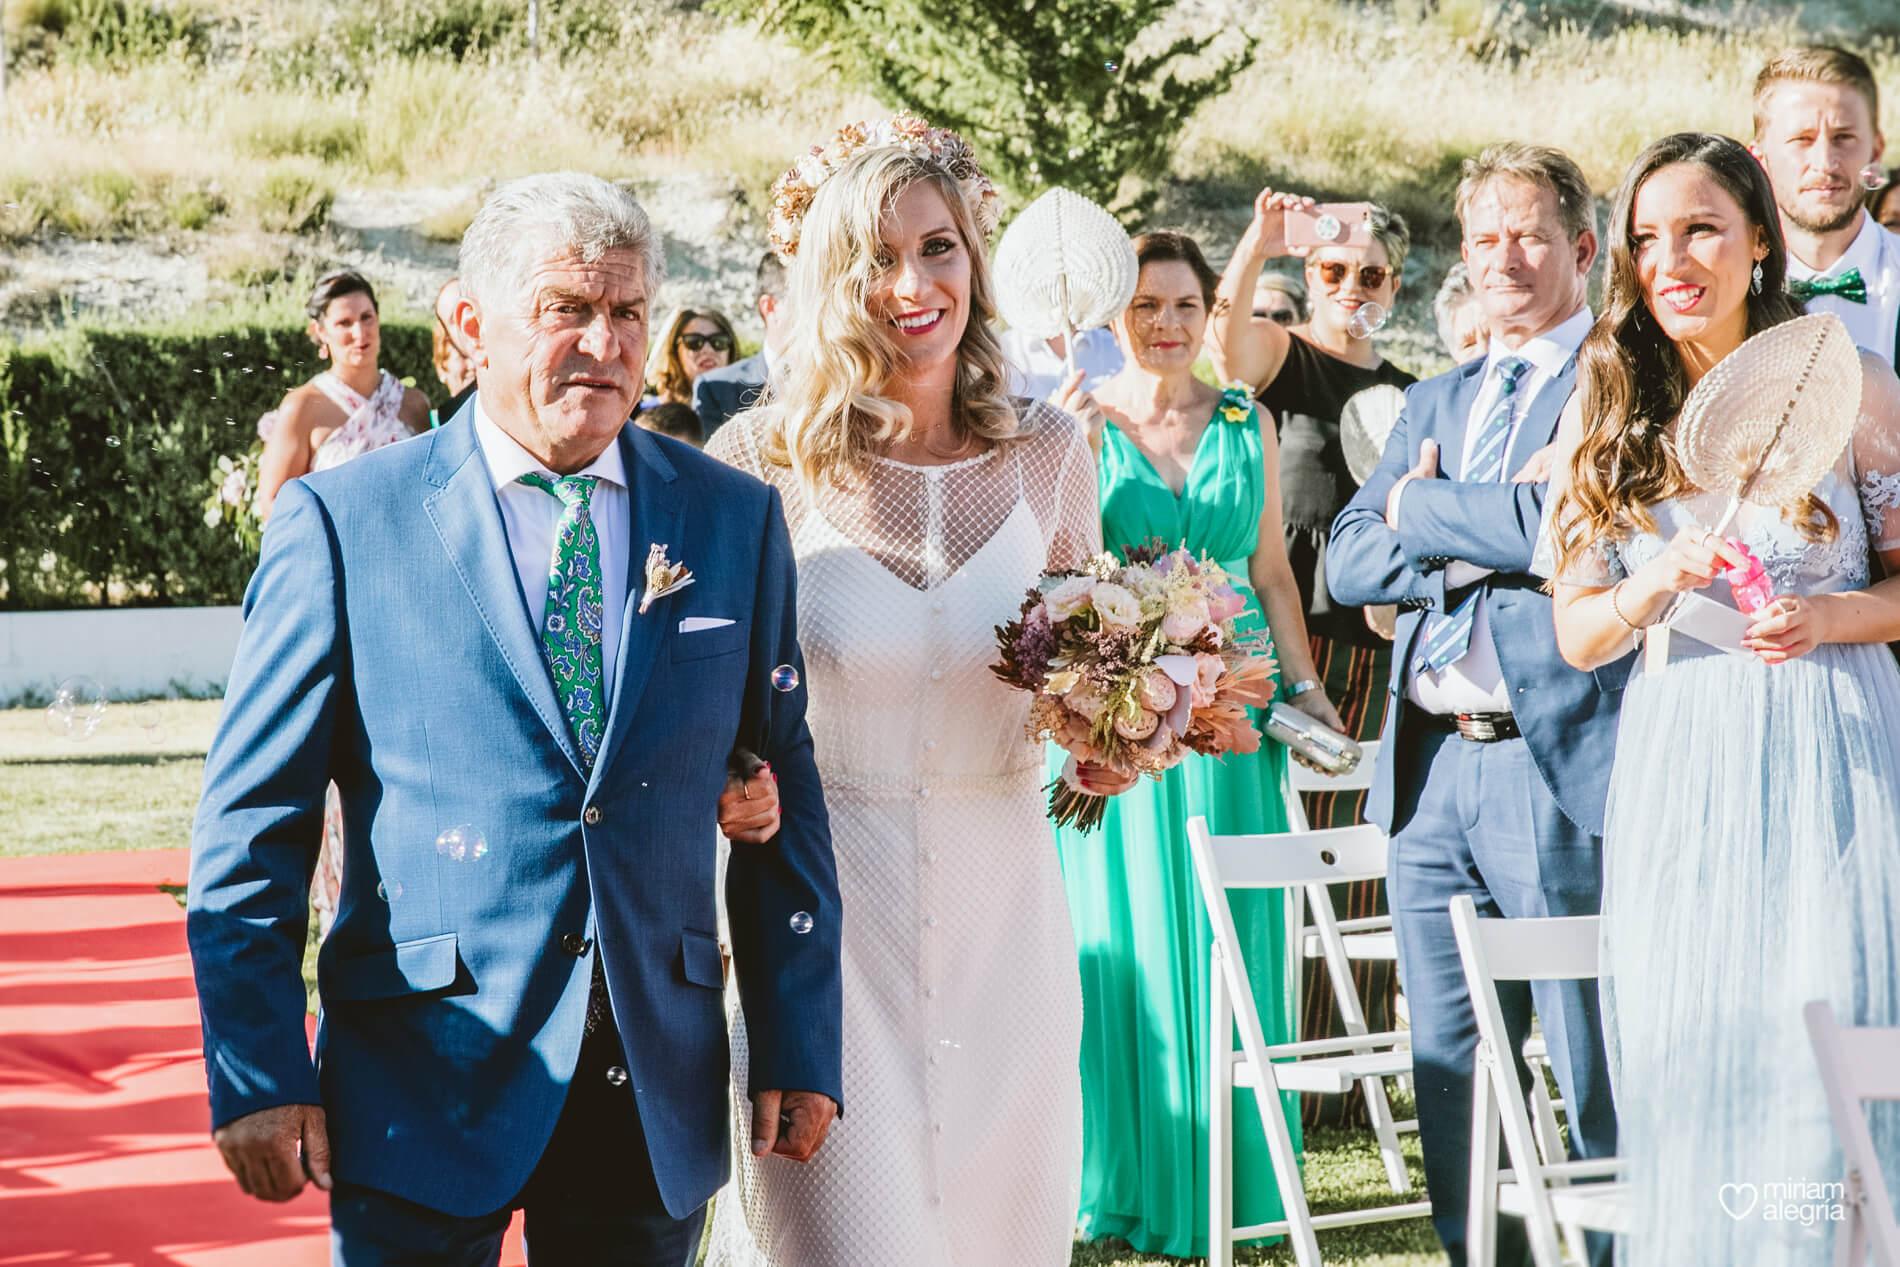 boda-en-collados-miriam-alegria-cayetana-ferrer-42